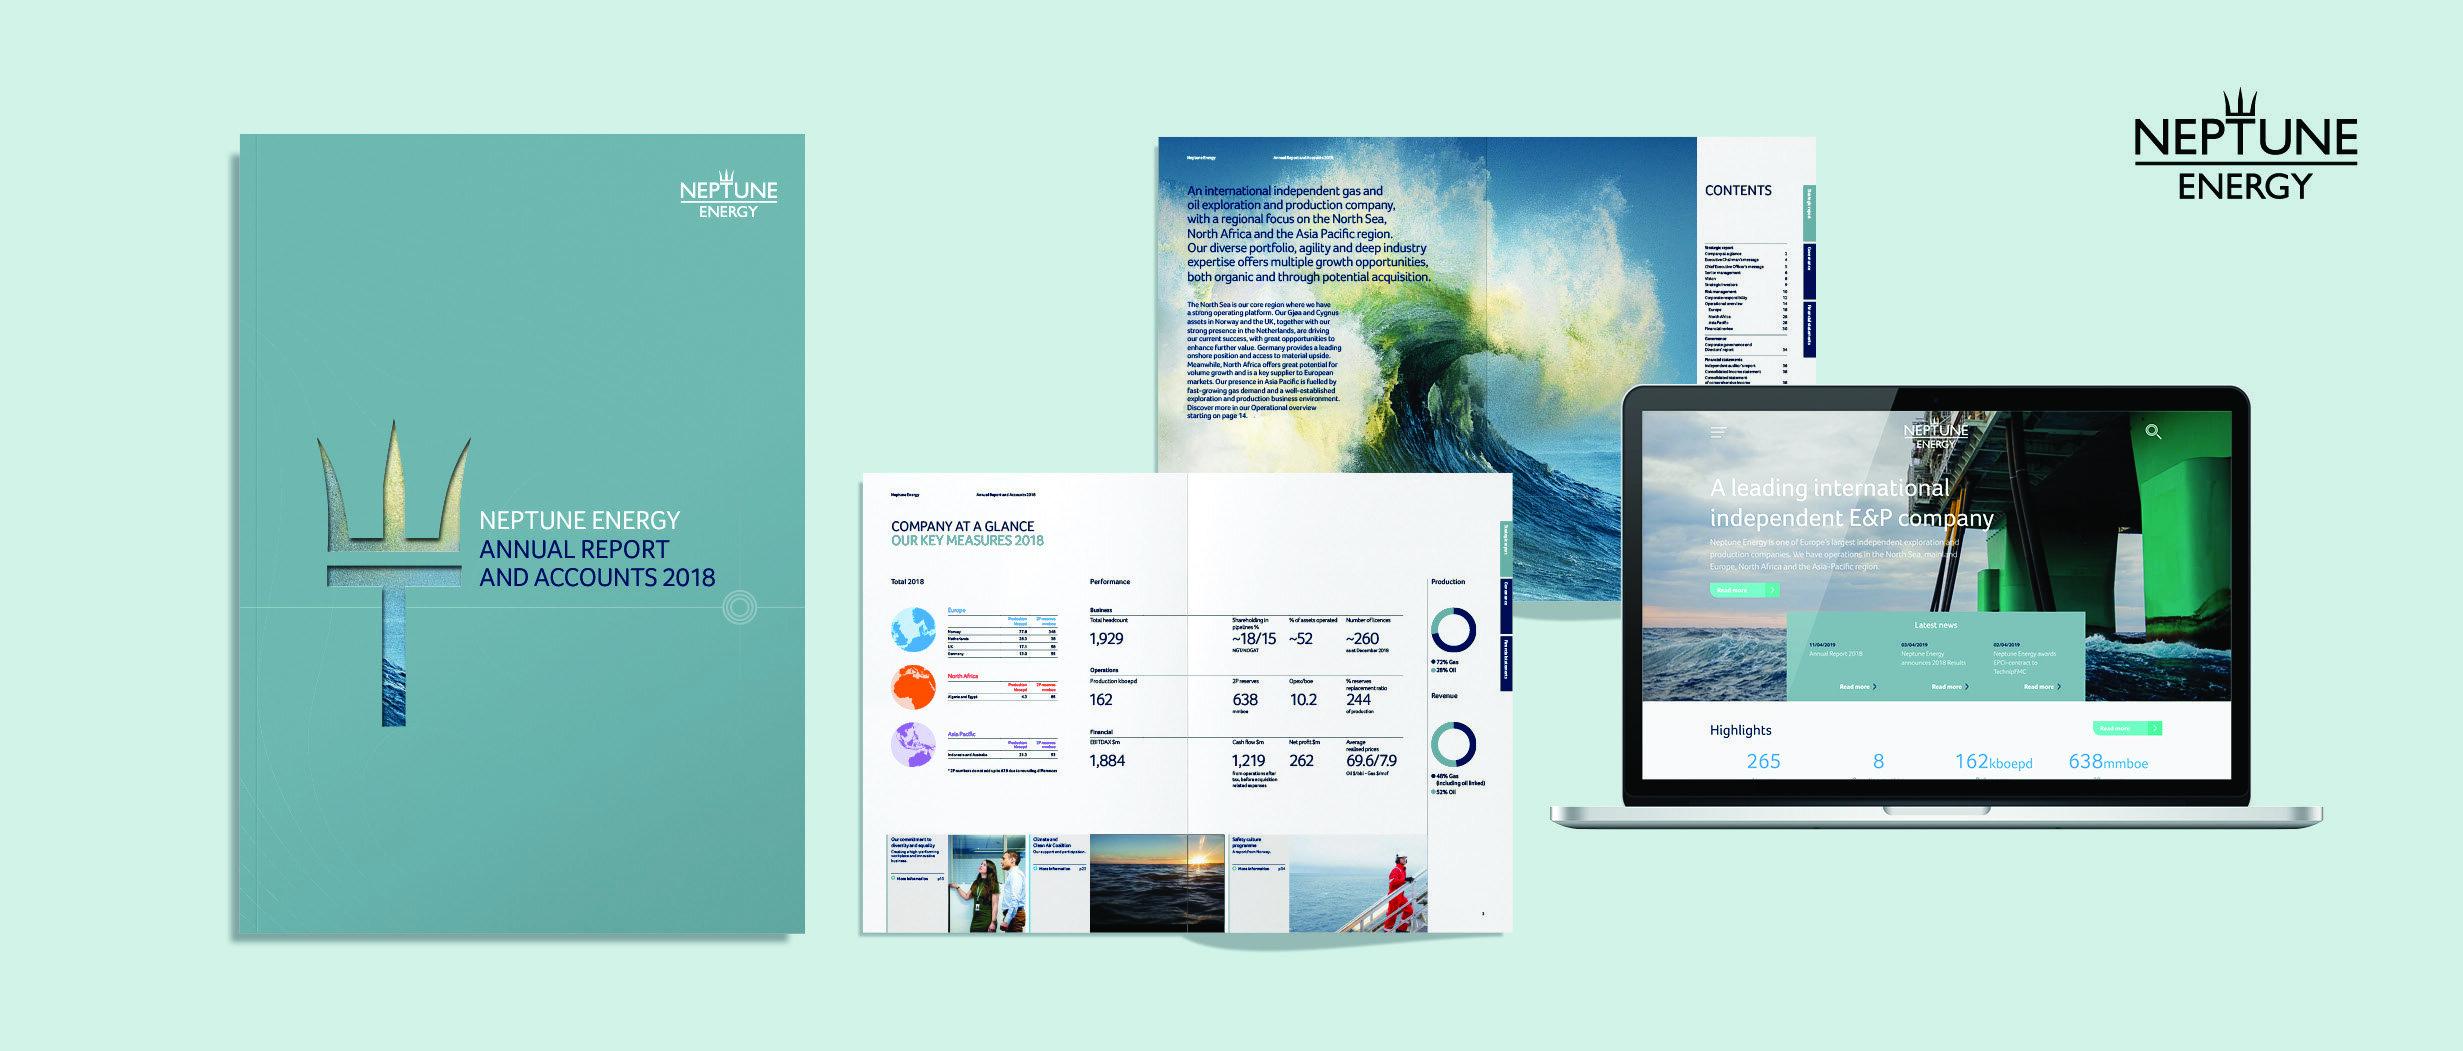 website-assets2.jpg